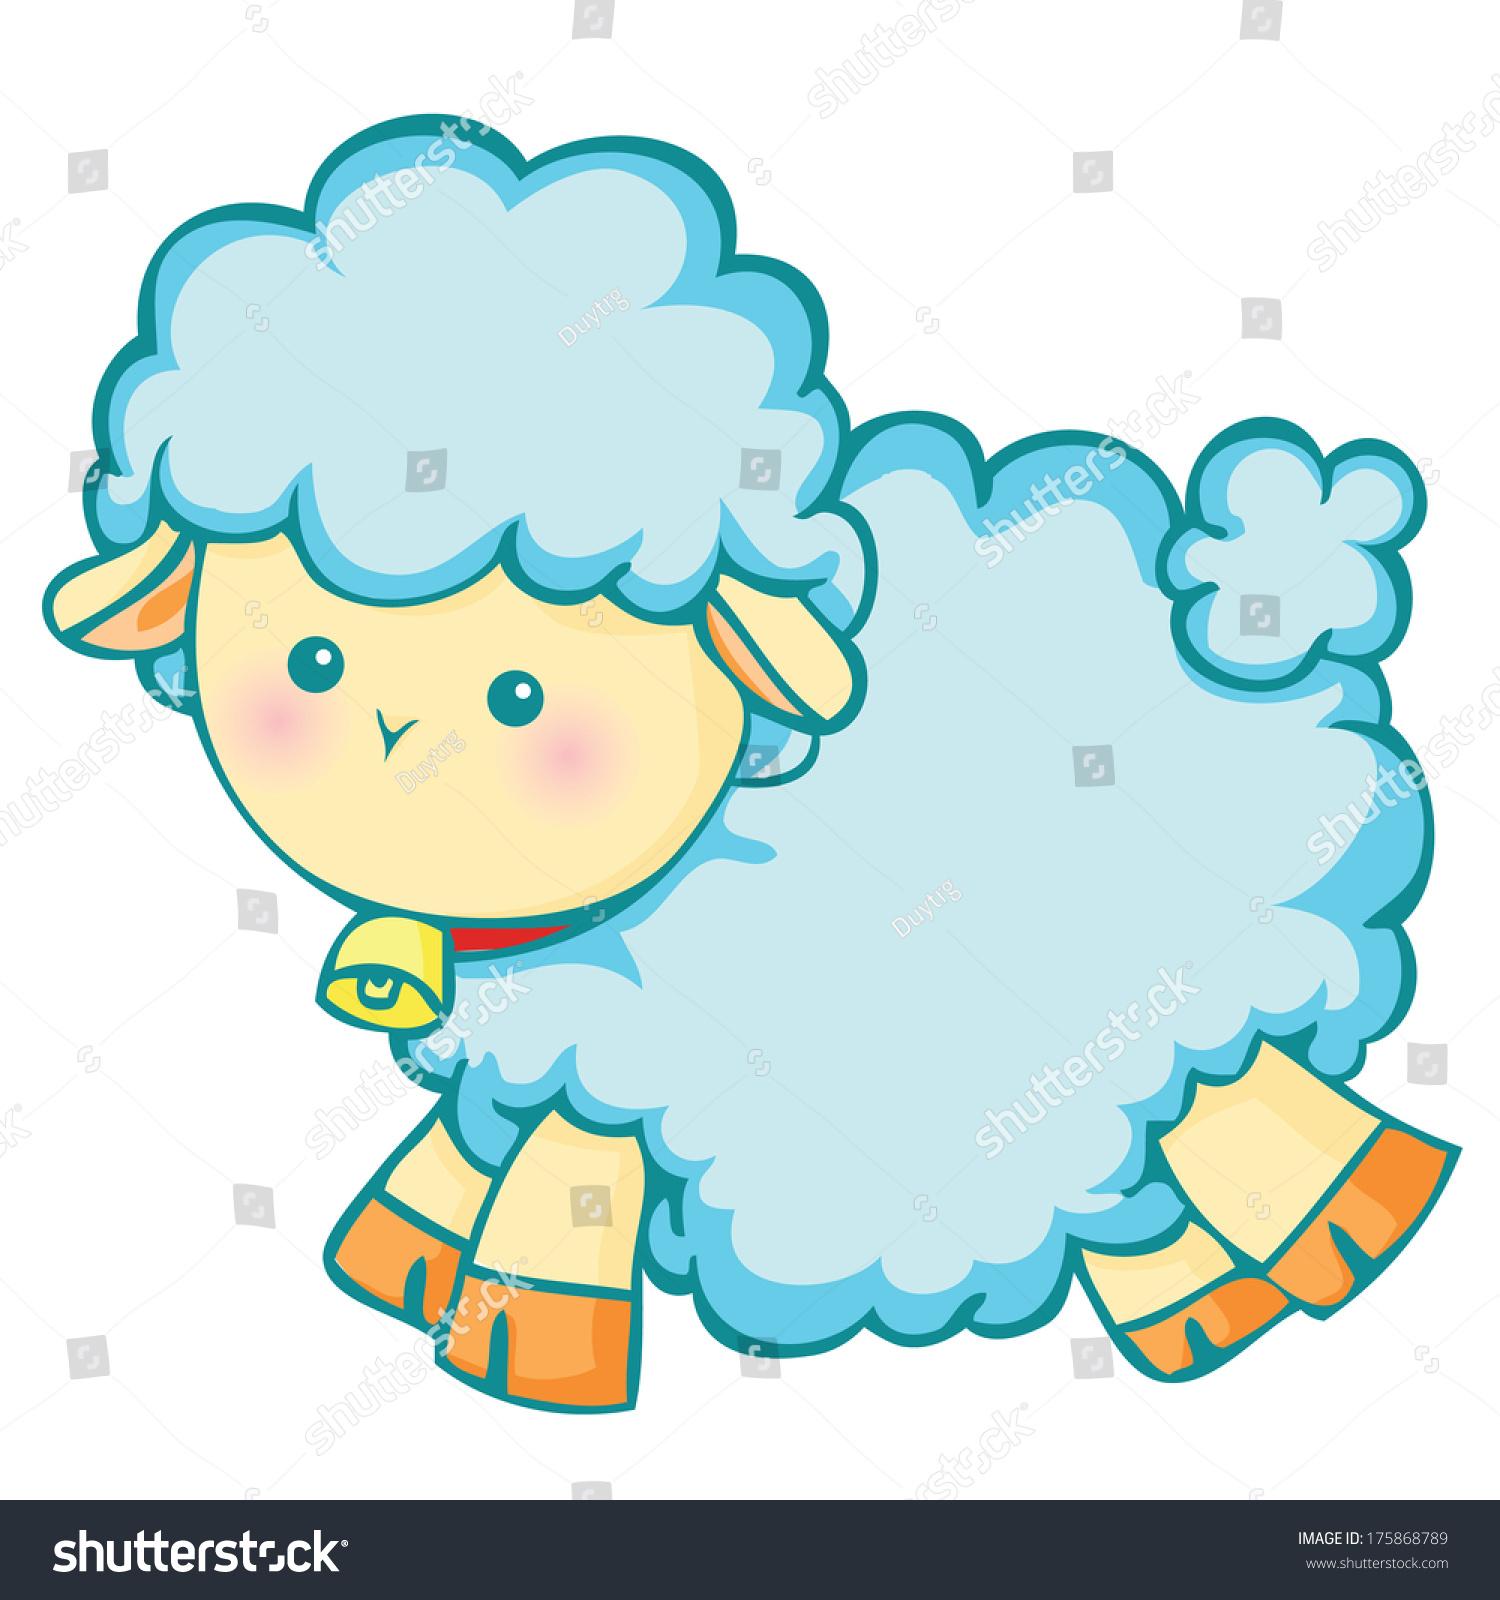 可爱的小羊羔-动物/野生生物-海洛创意(hellorf)